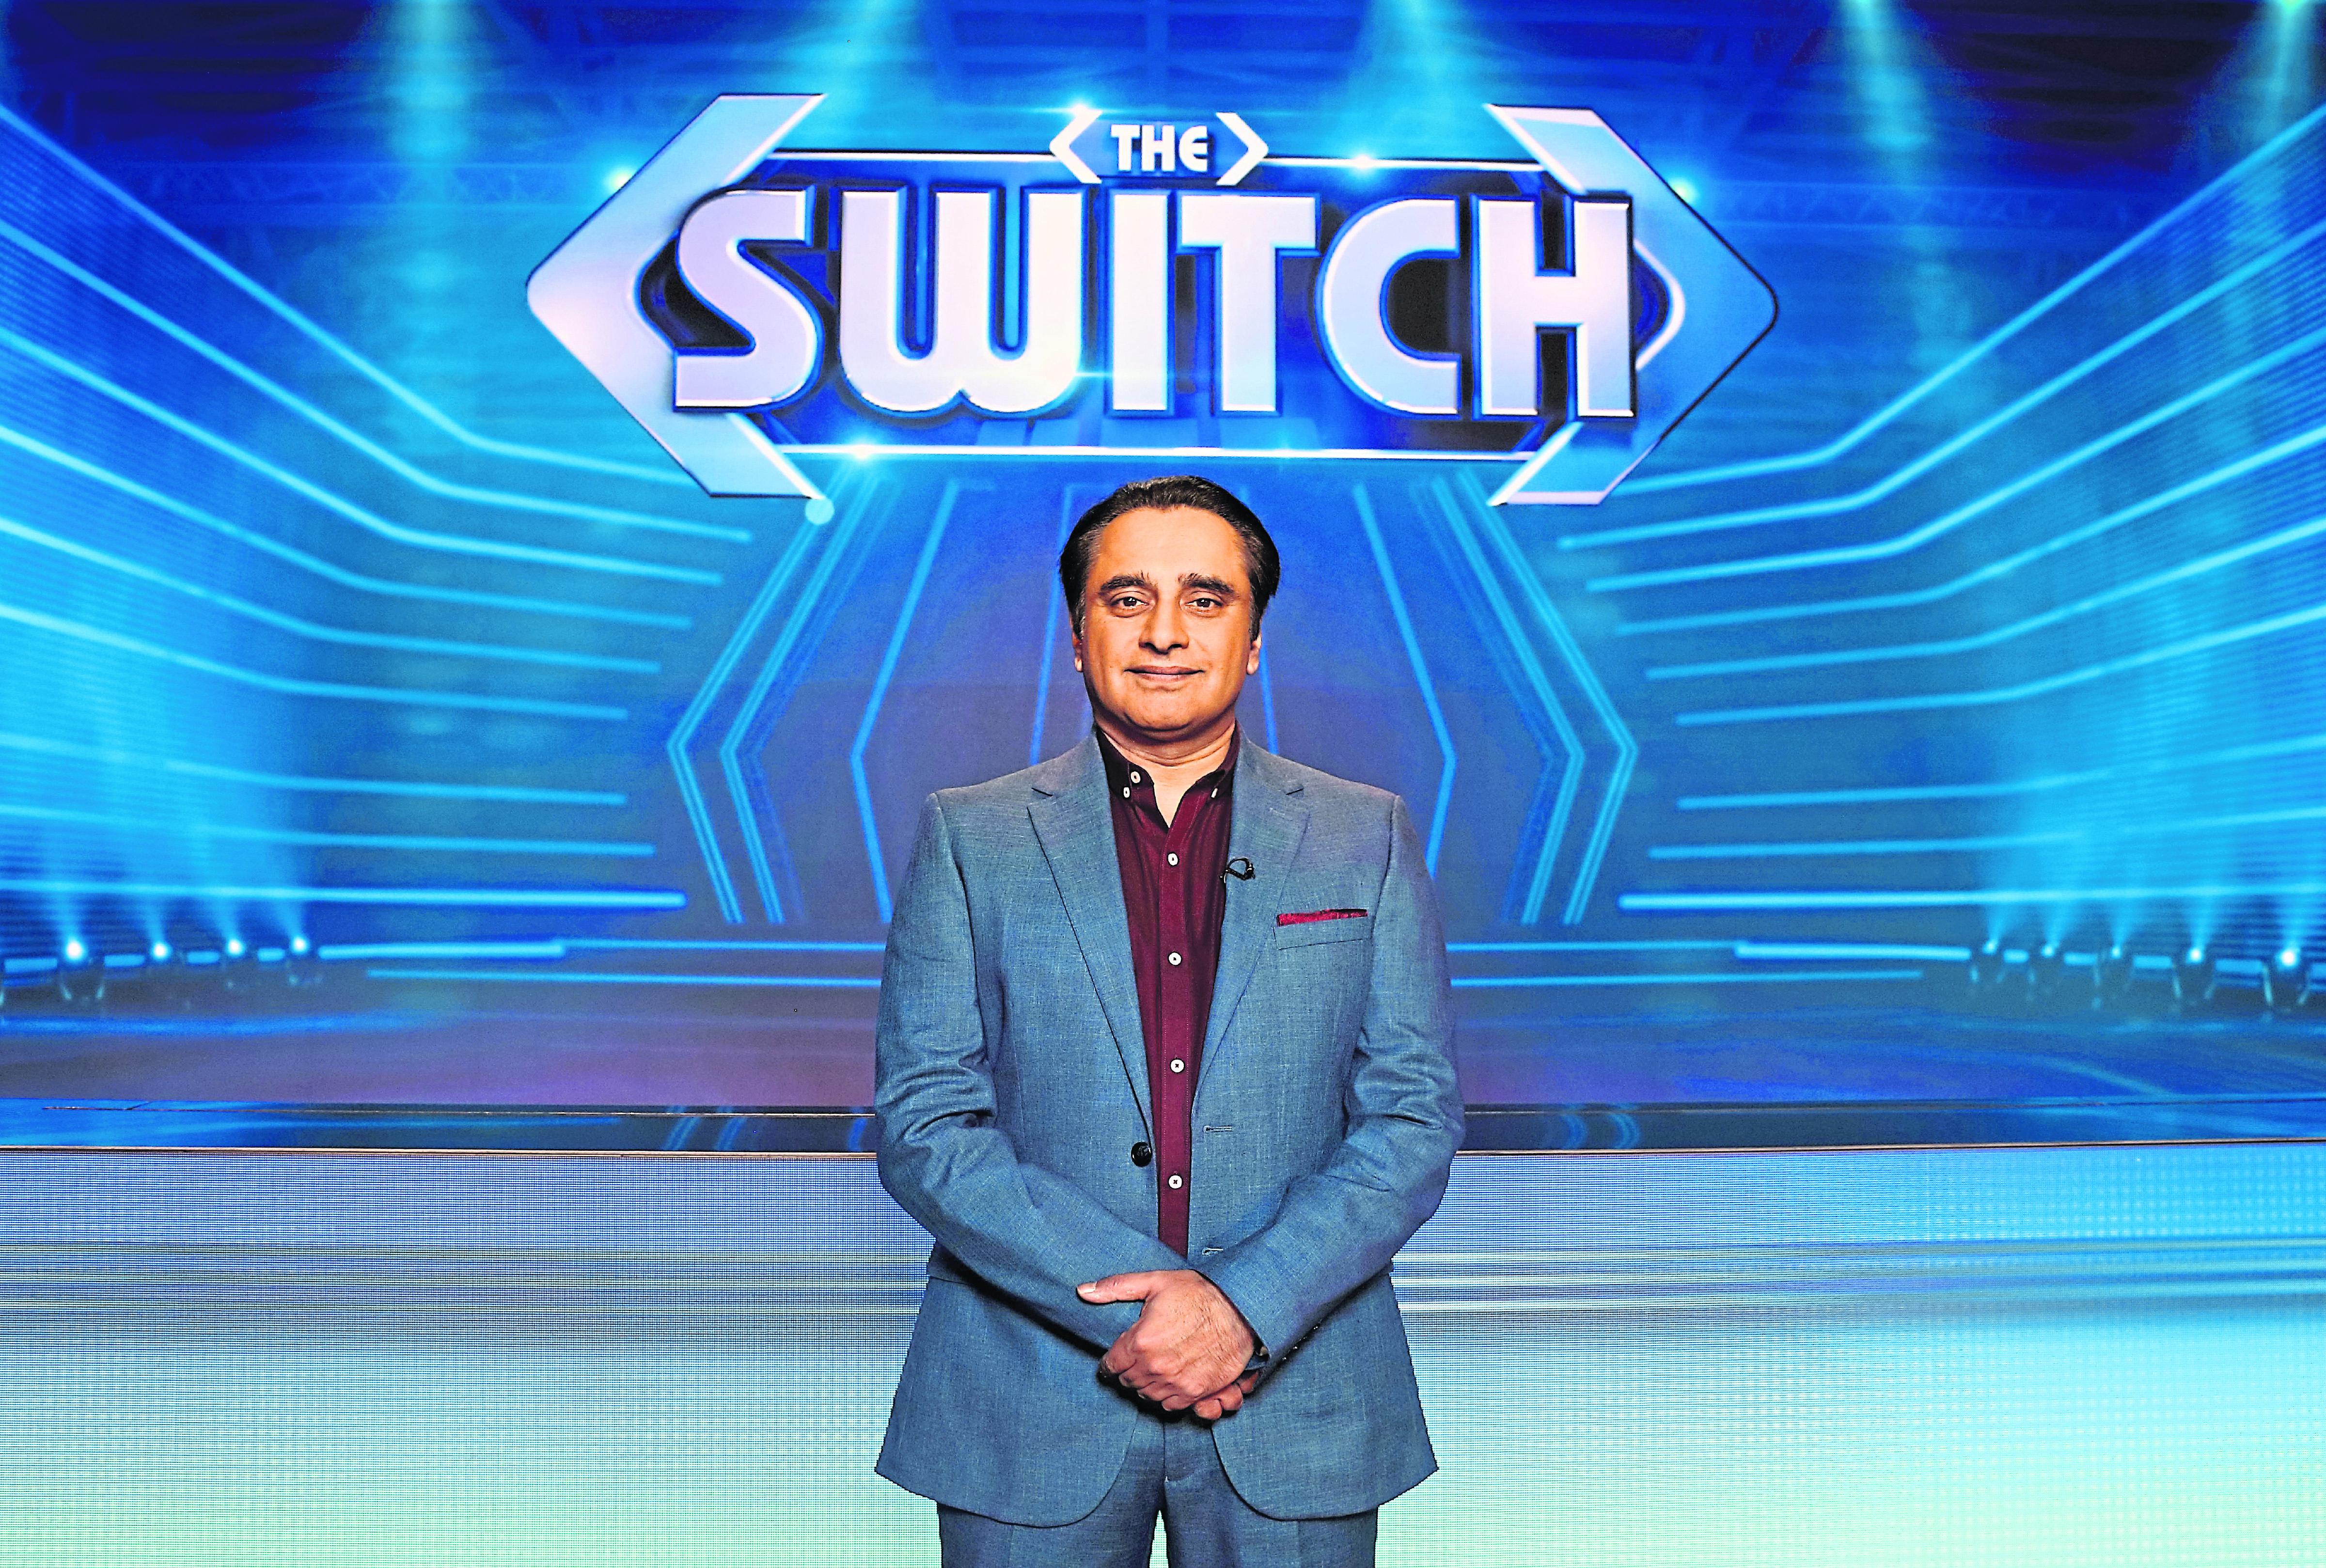 Sanjeev Bhaskar presents The Switch.  Weekdays from Monday, November 25 2019 on ITV.